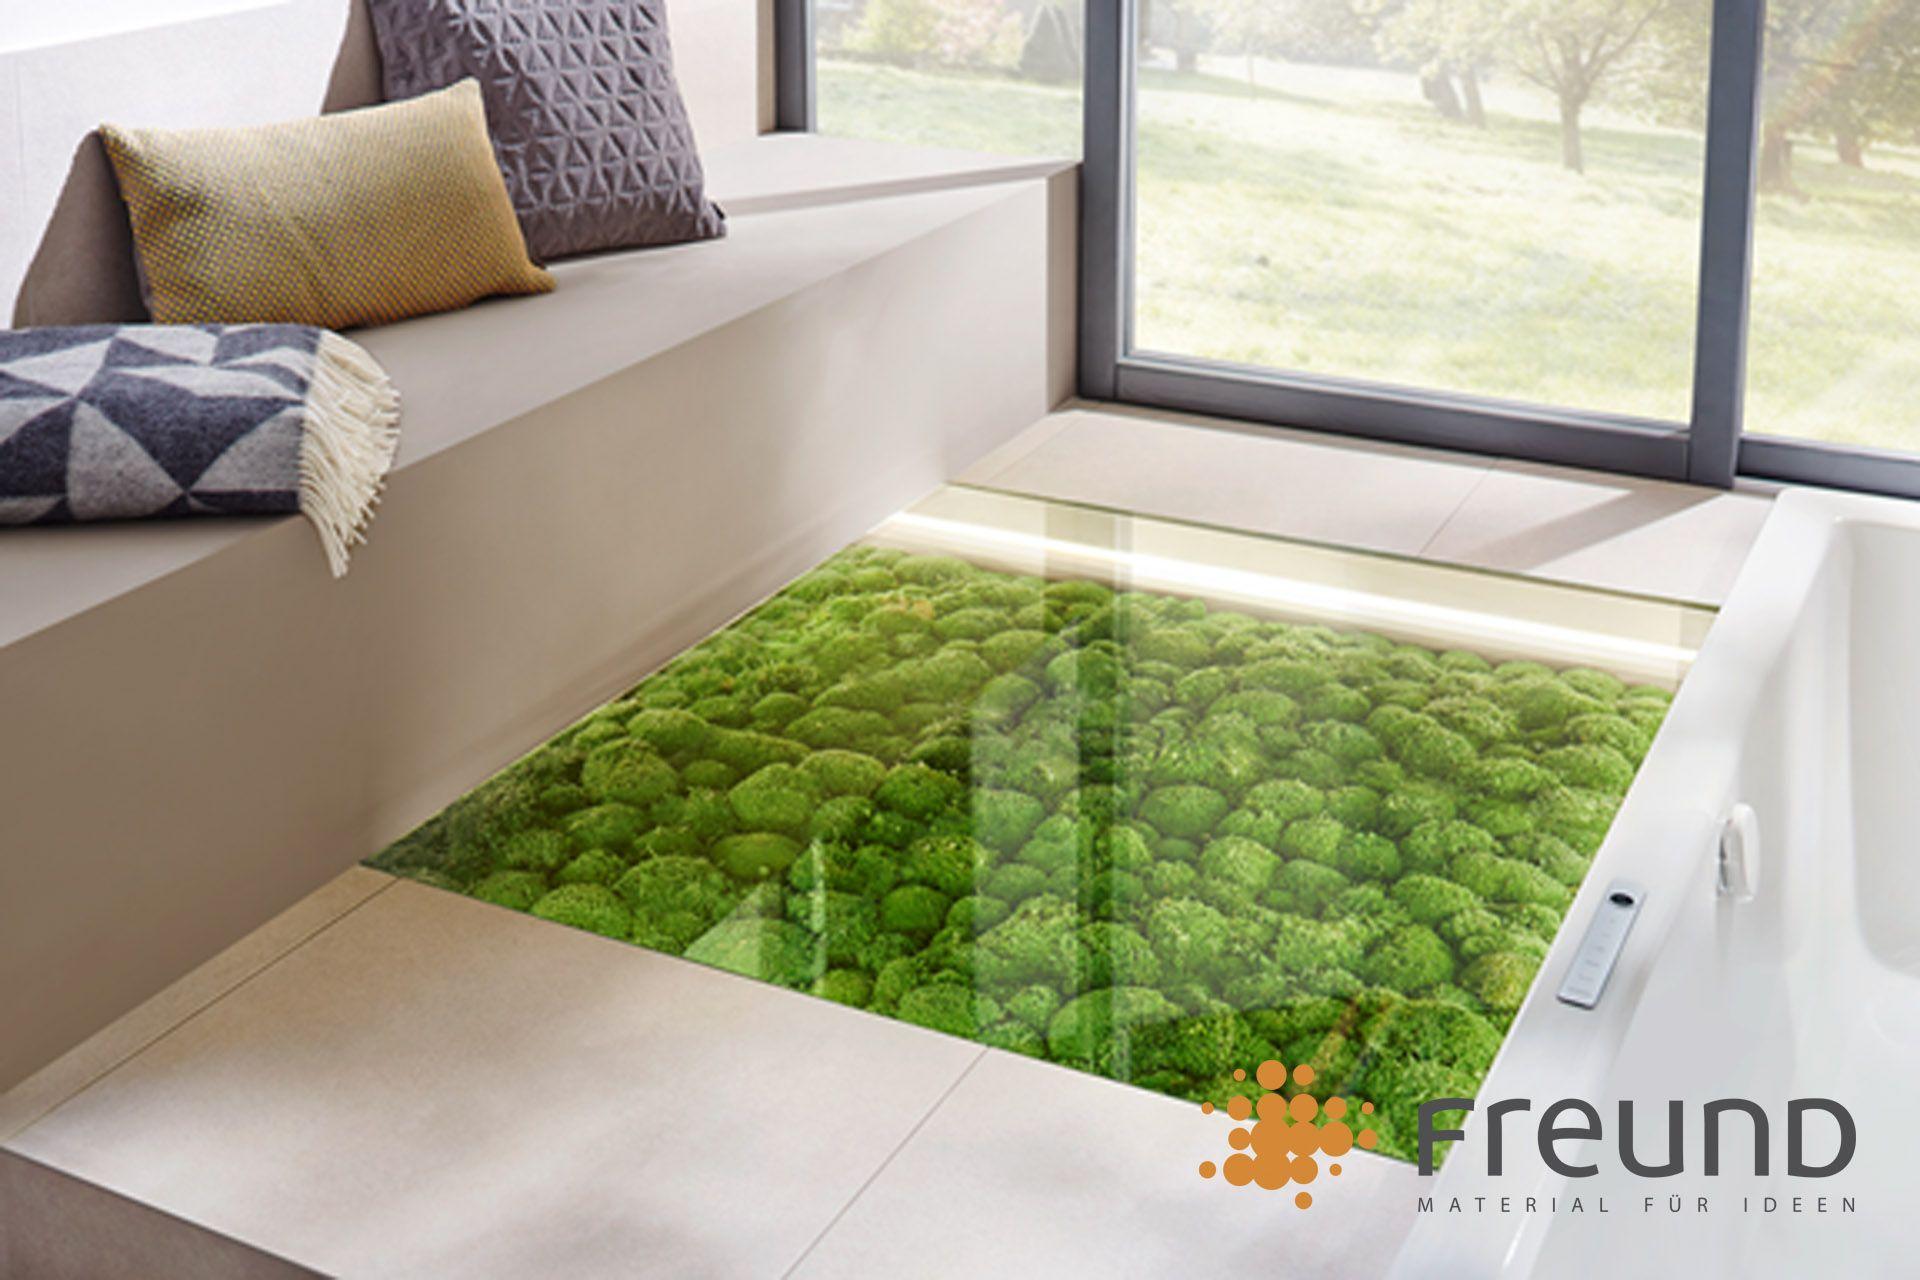 mooswand moosbild polstermoos greenhill freund moosmanufaktur eine marke der freund gmbh. Black Bedroom Furniture Sets. Home Design Ideas